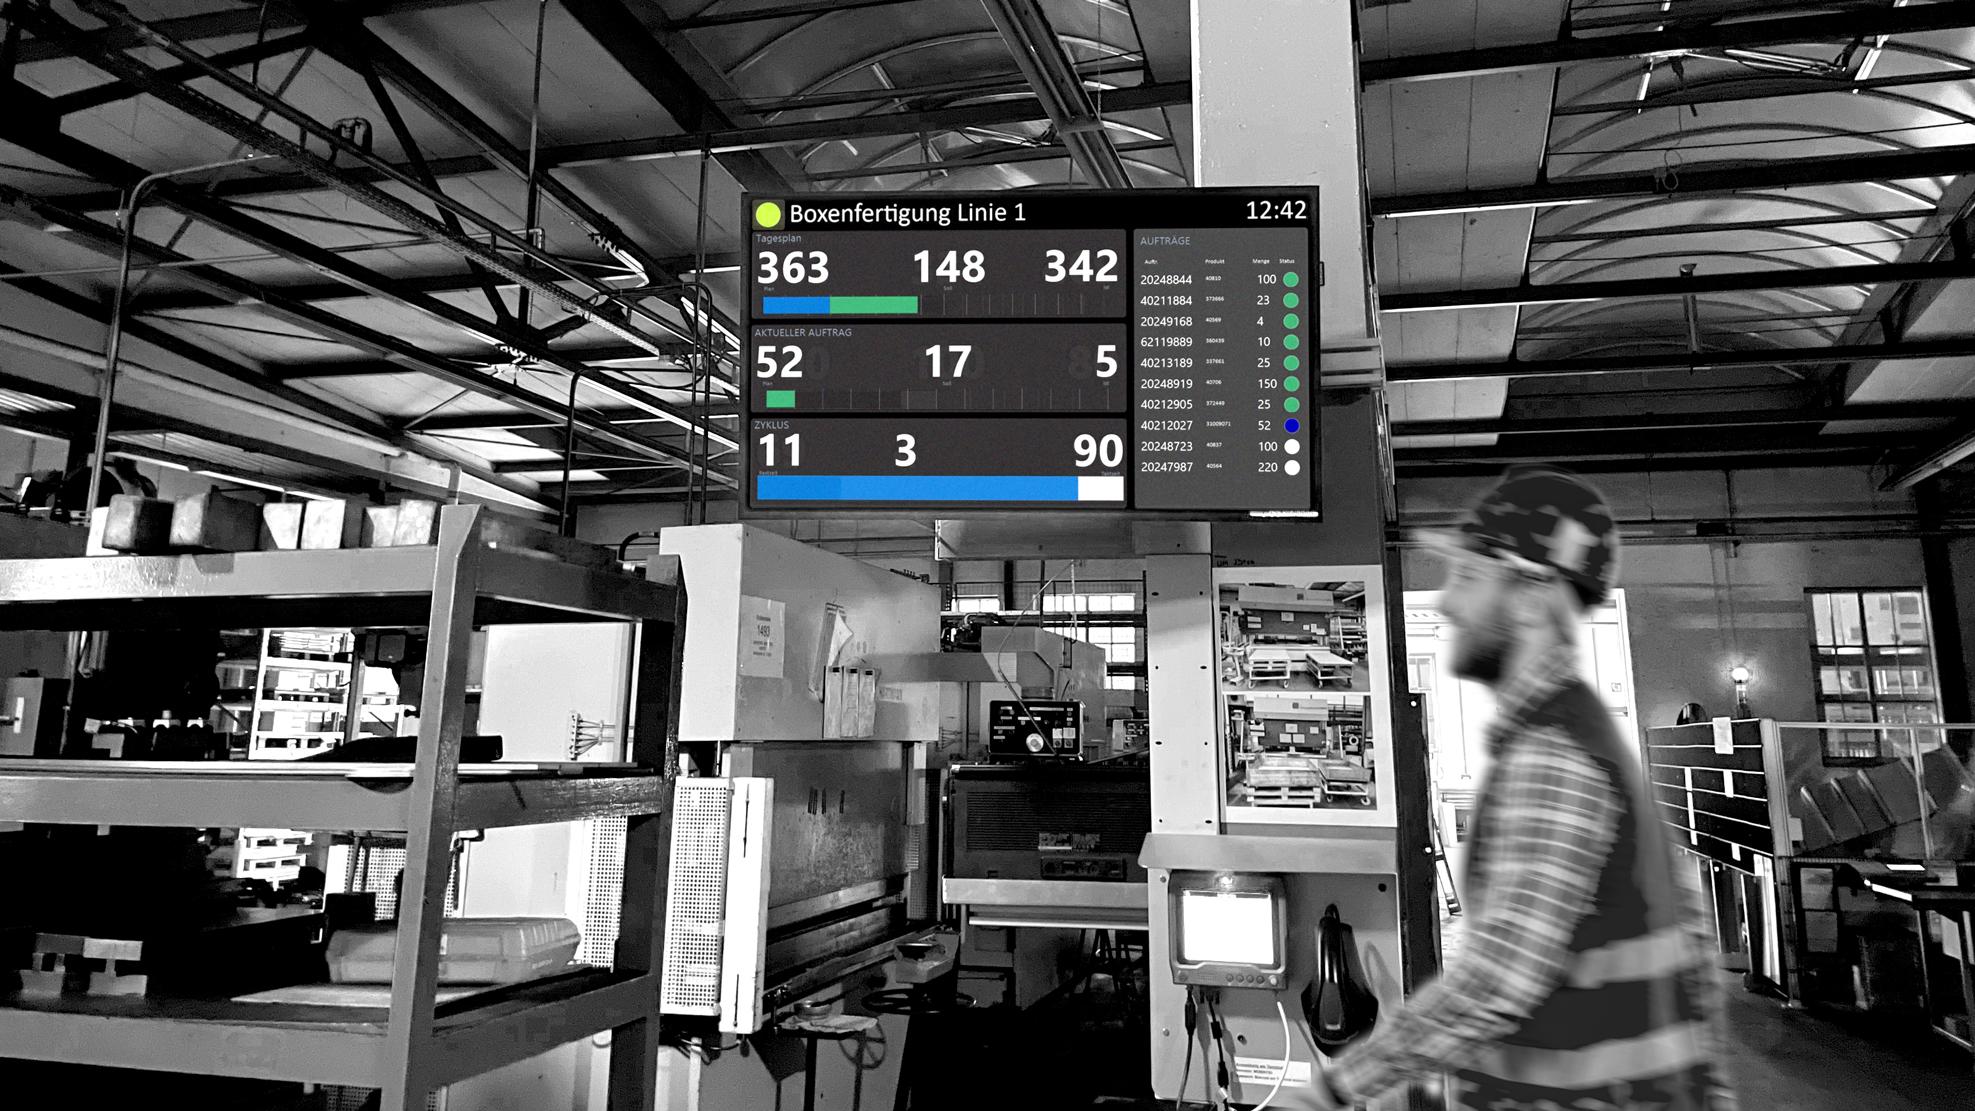 Verbesserte Roboterauslastung durch Visualisierung der Produktion